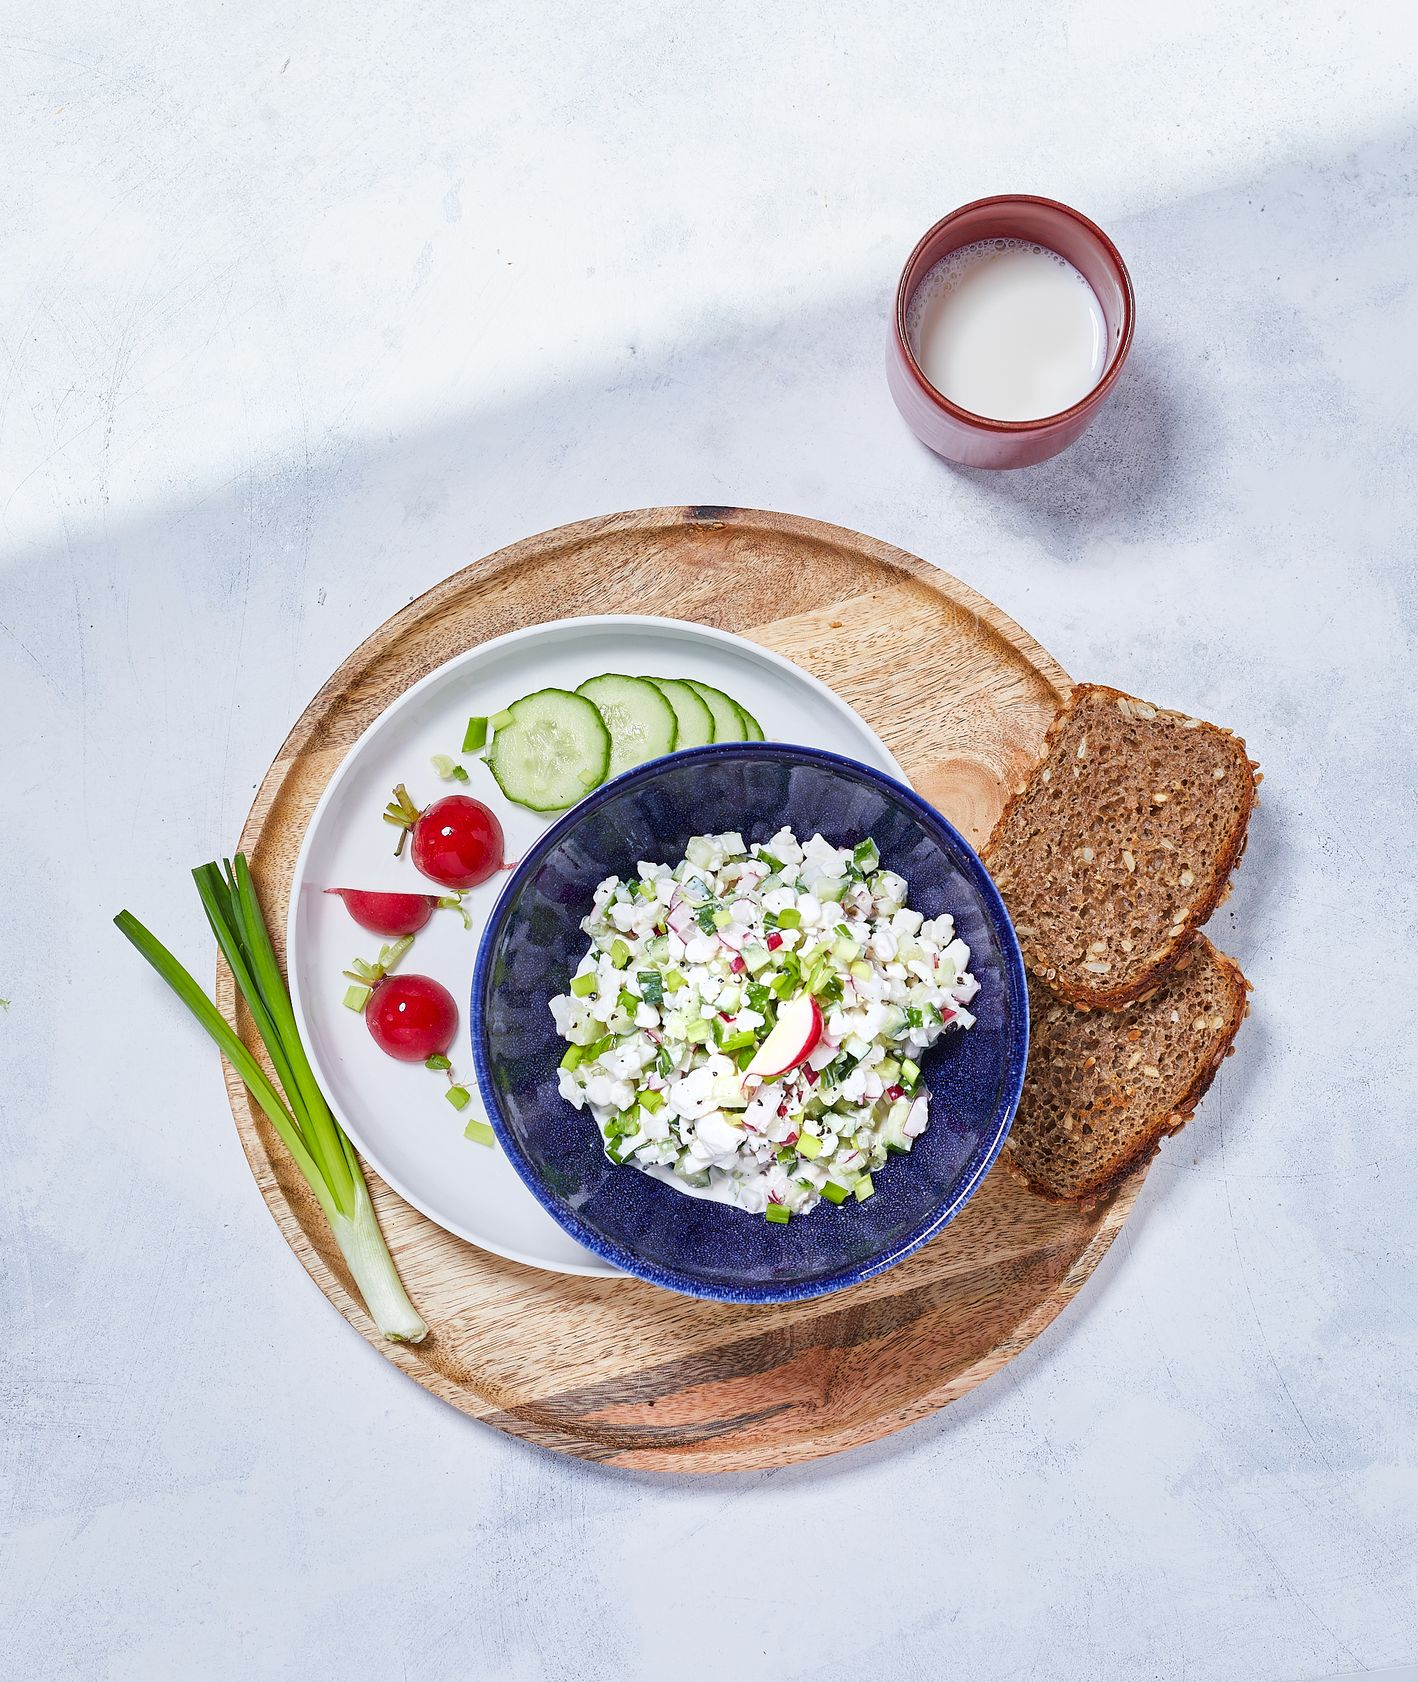 Serek śniadaniowy na bazie serka wiejskiego z dodatkiem rzodkiewki, ogórka, szczypiorku i celubli dymki; sezonówki rzodkiewka, cebula dymka, ogórek